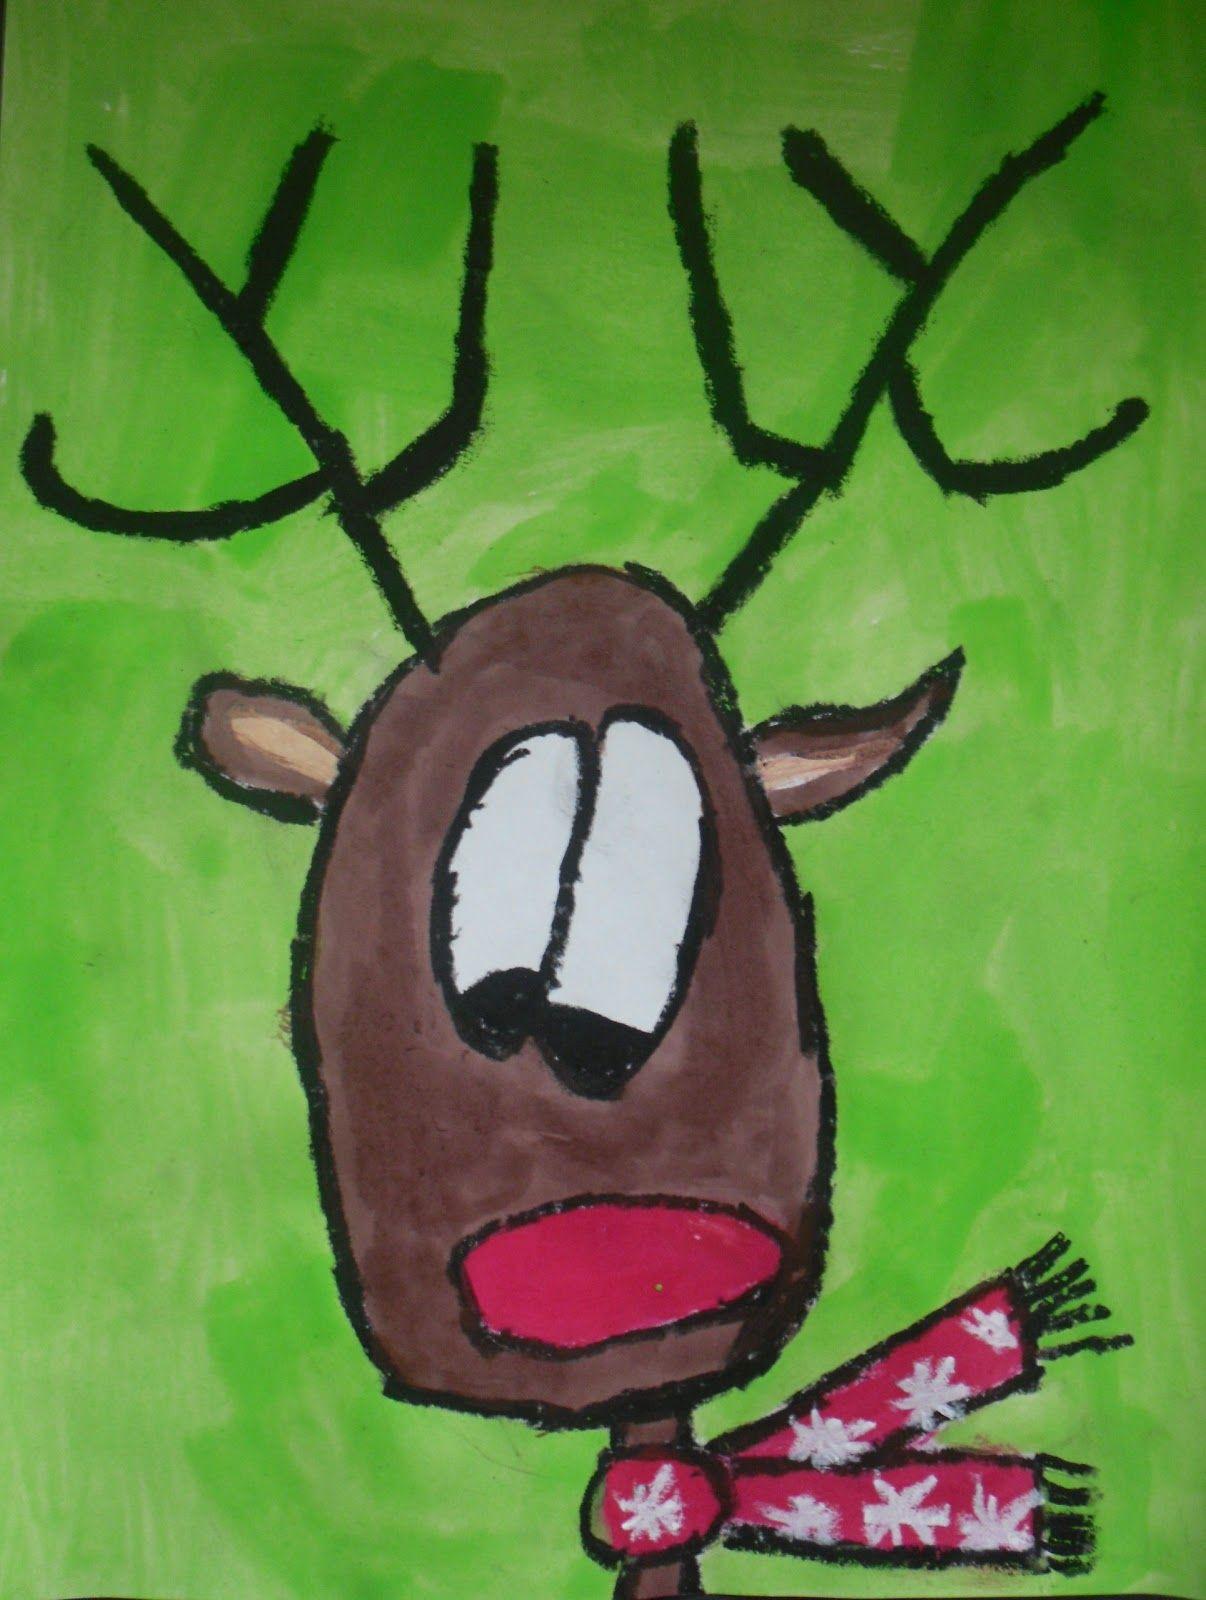 reindeer+art+and+police+officer+014.JPG 1206×1600 pikseliä